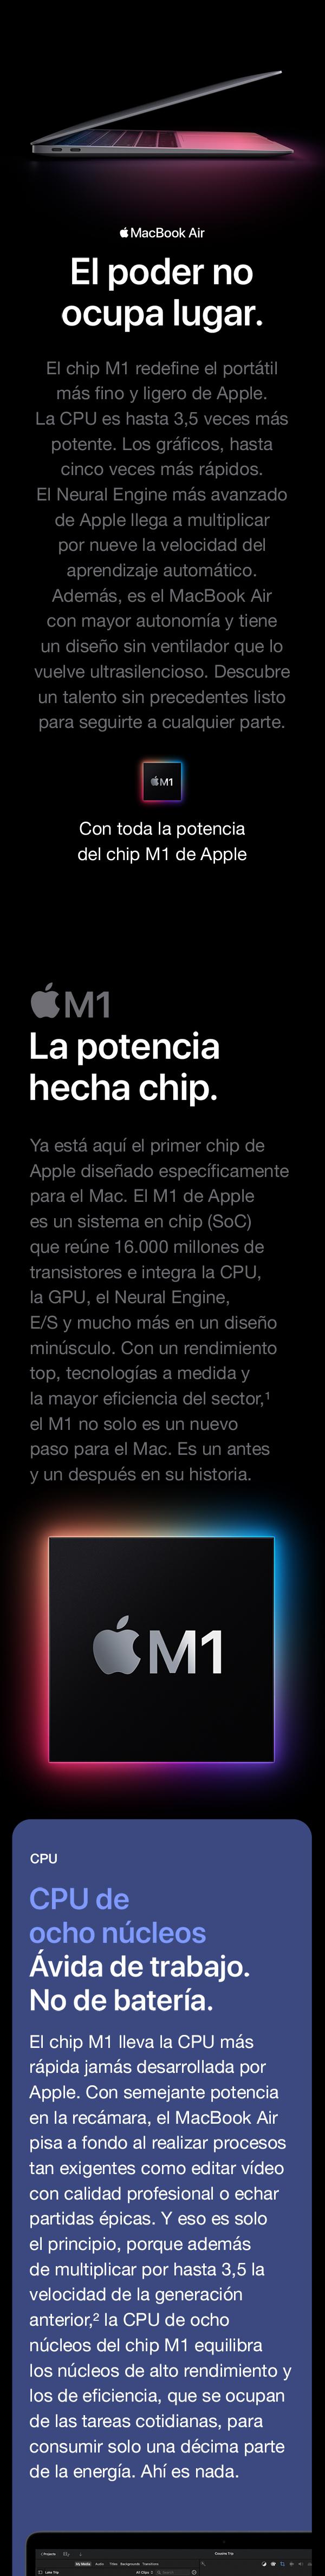 MacBook Air_pic1